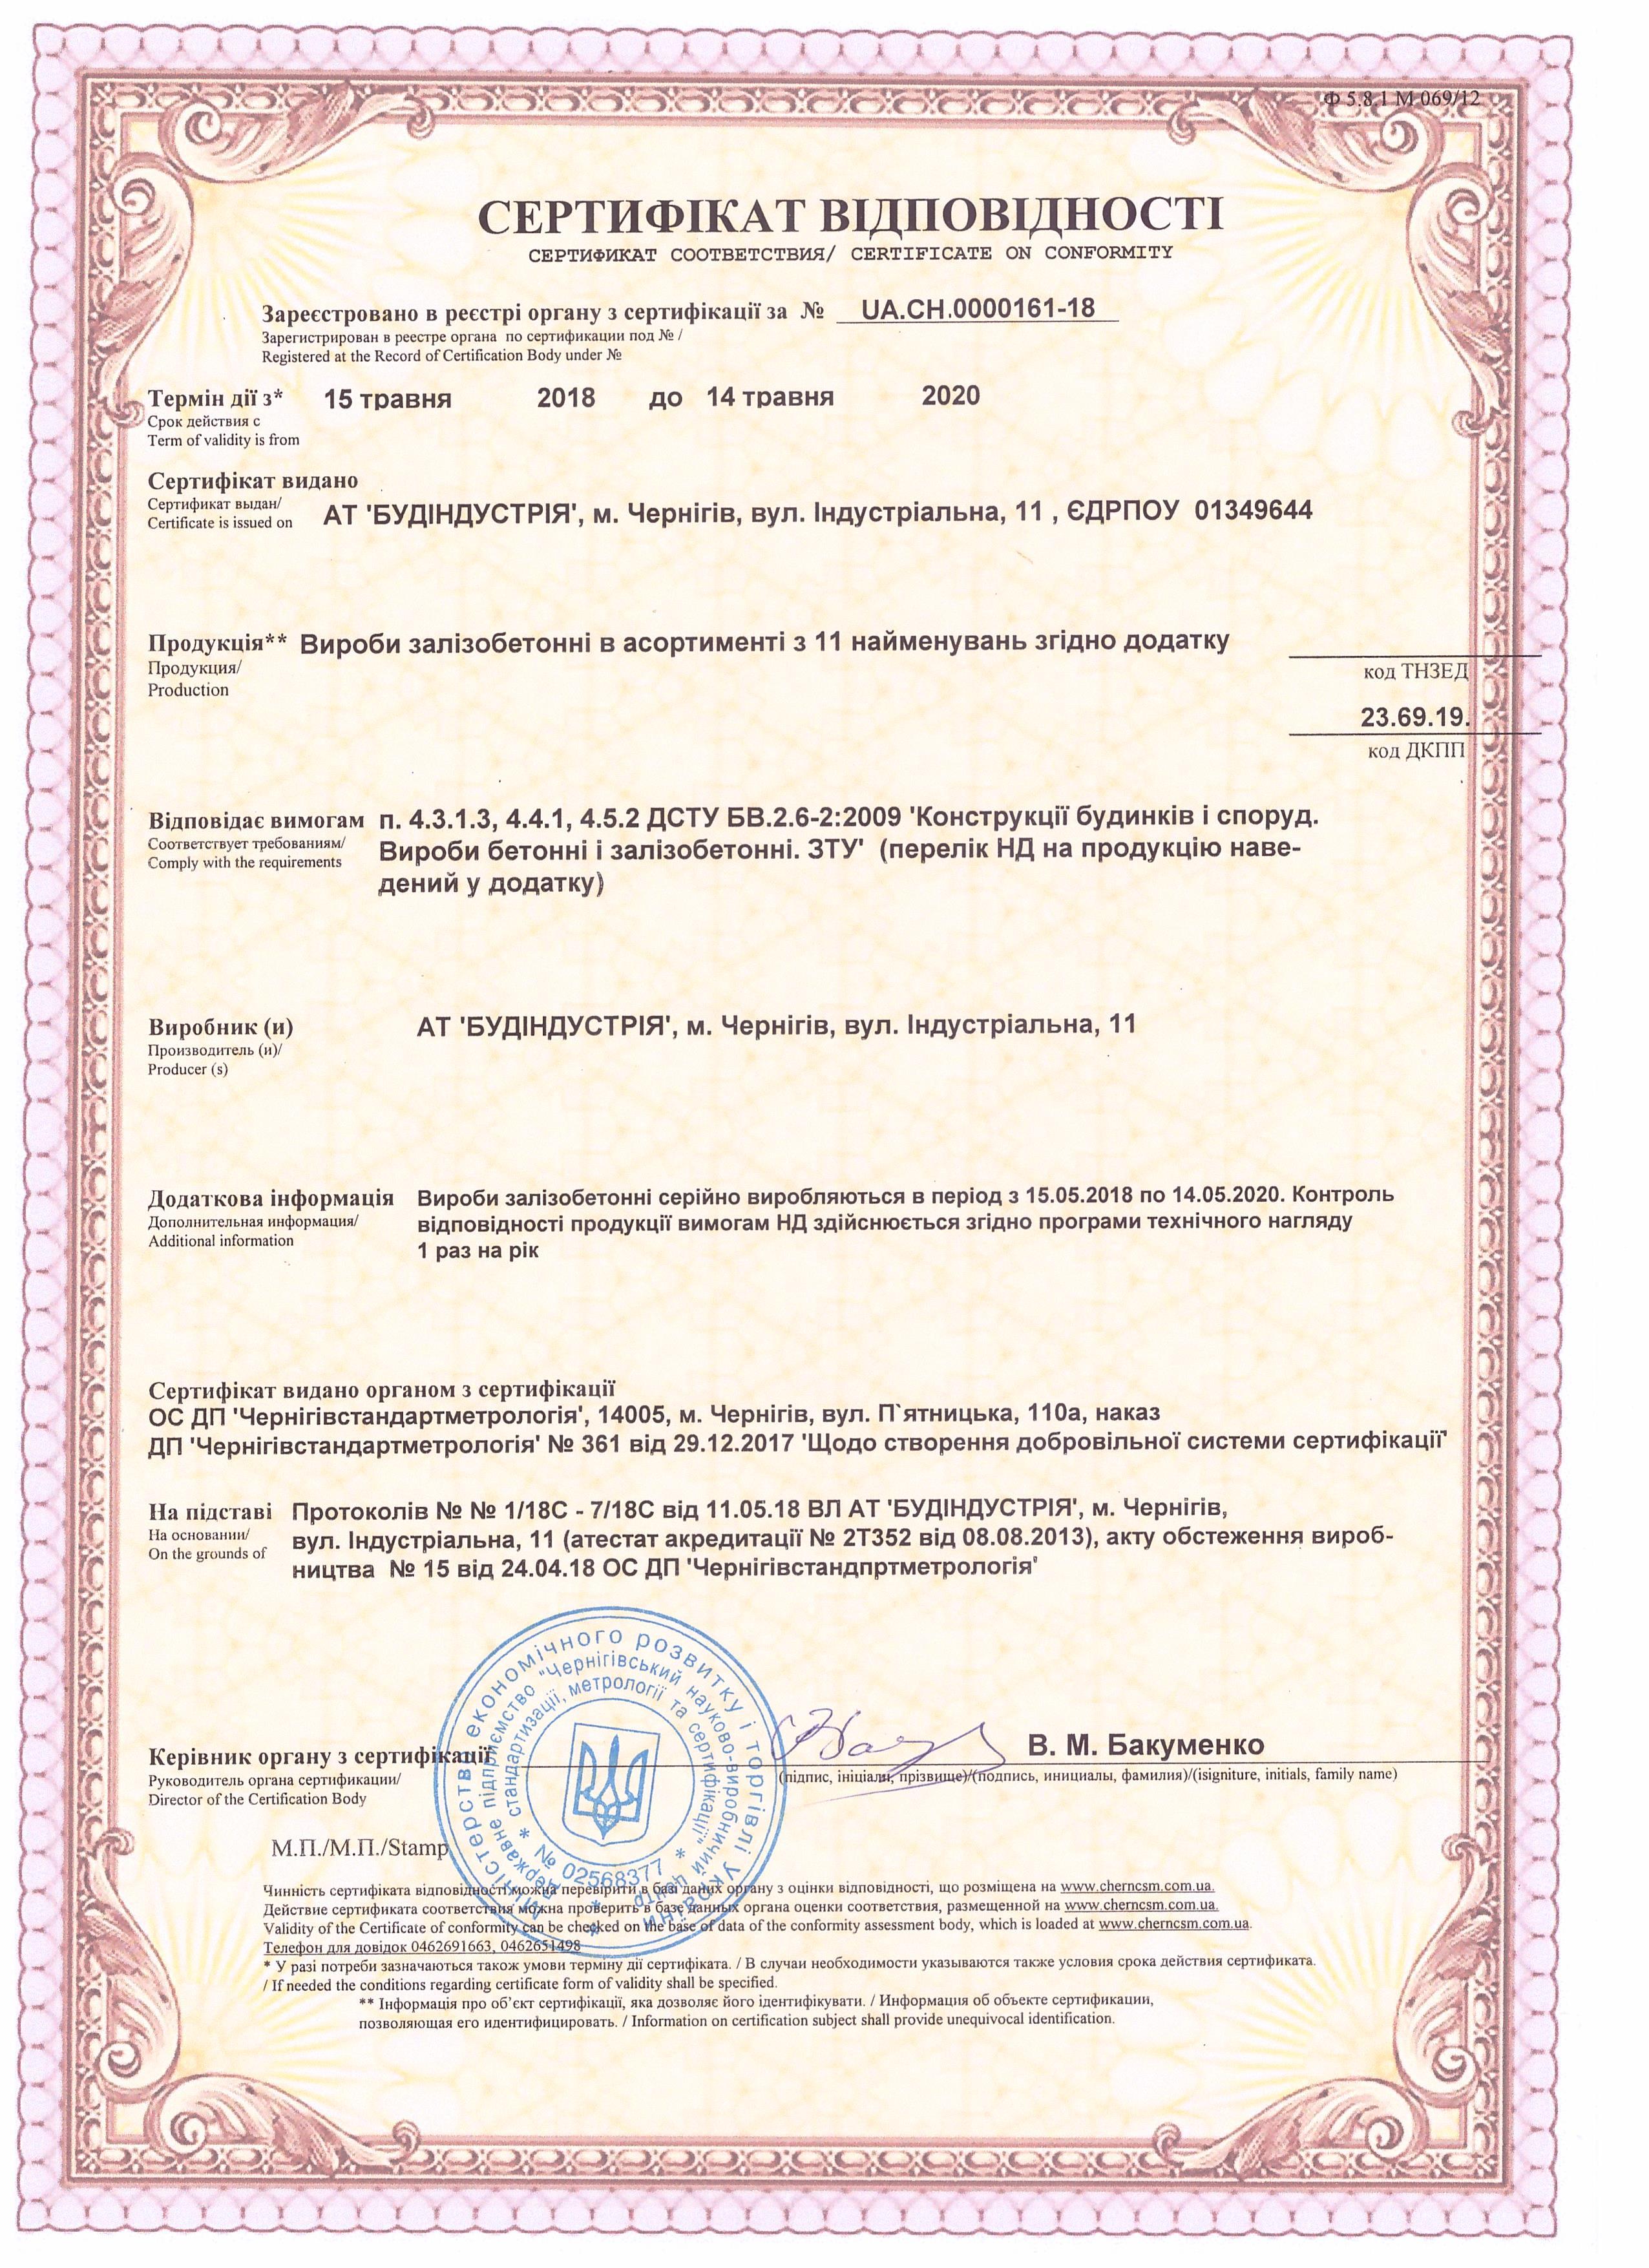 Сертифікат відповідності на залізобетонні вироби